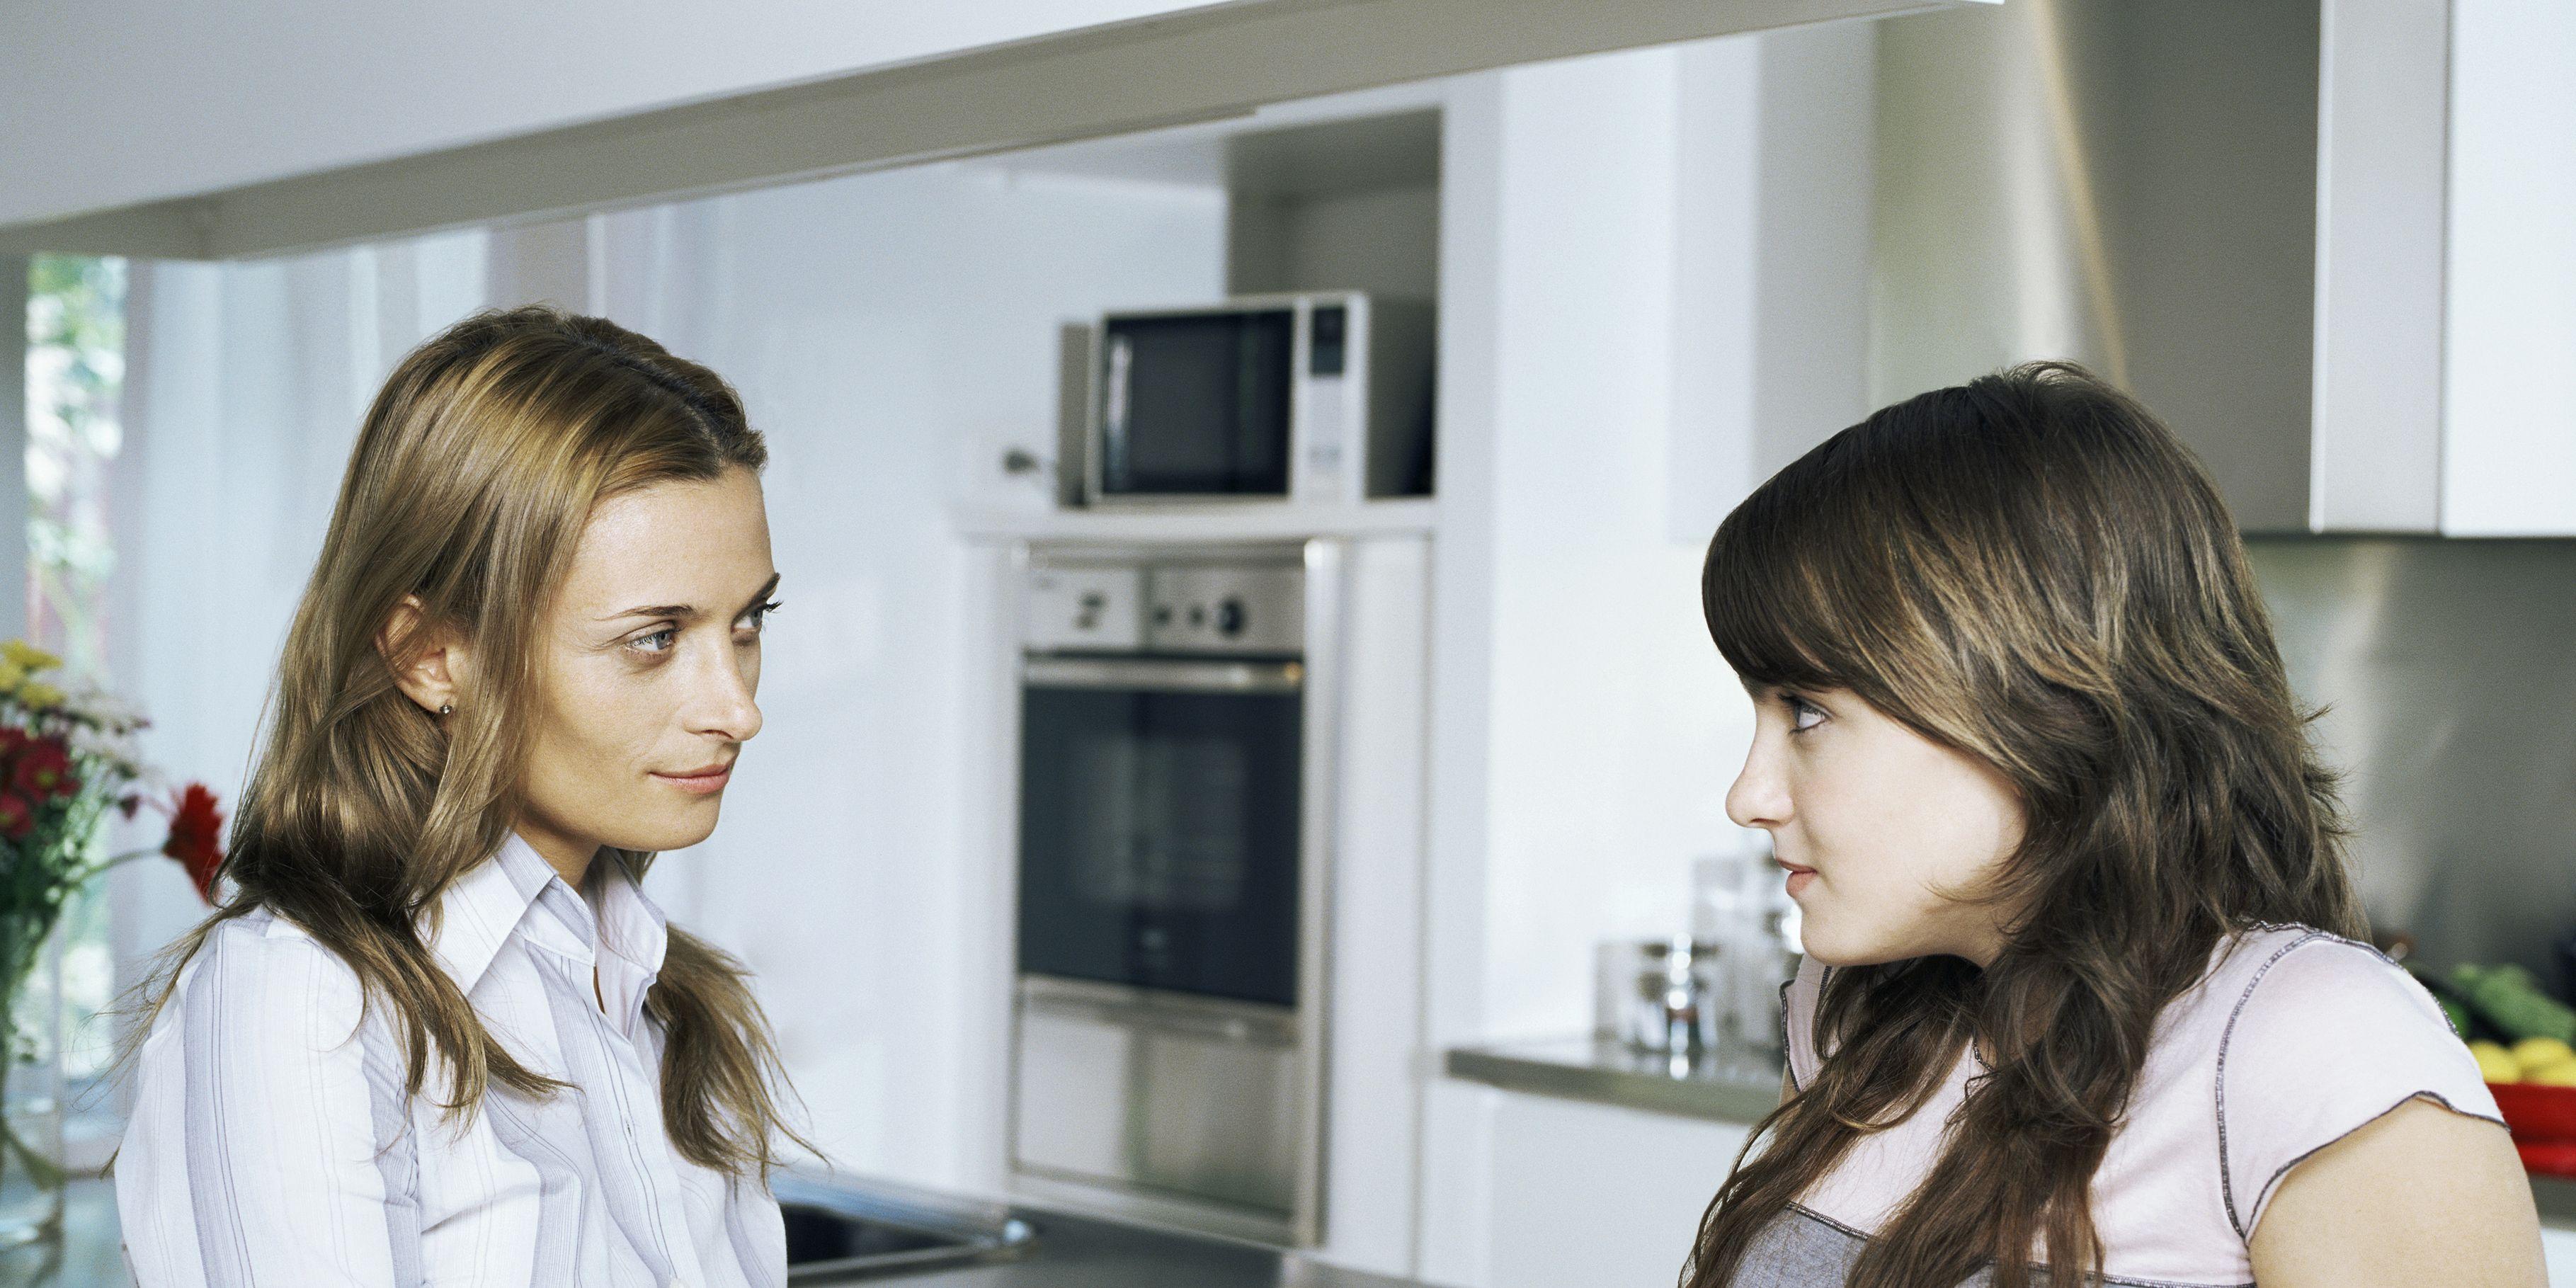 Madre dándole unpreservativo a su hija adolescente